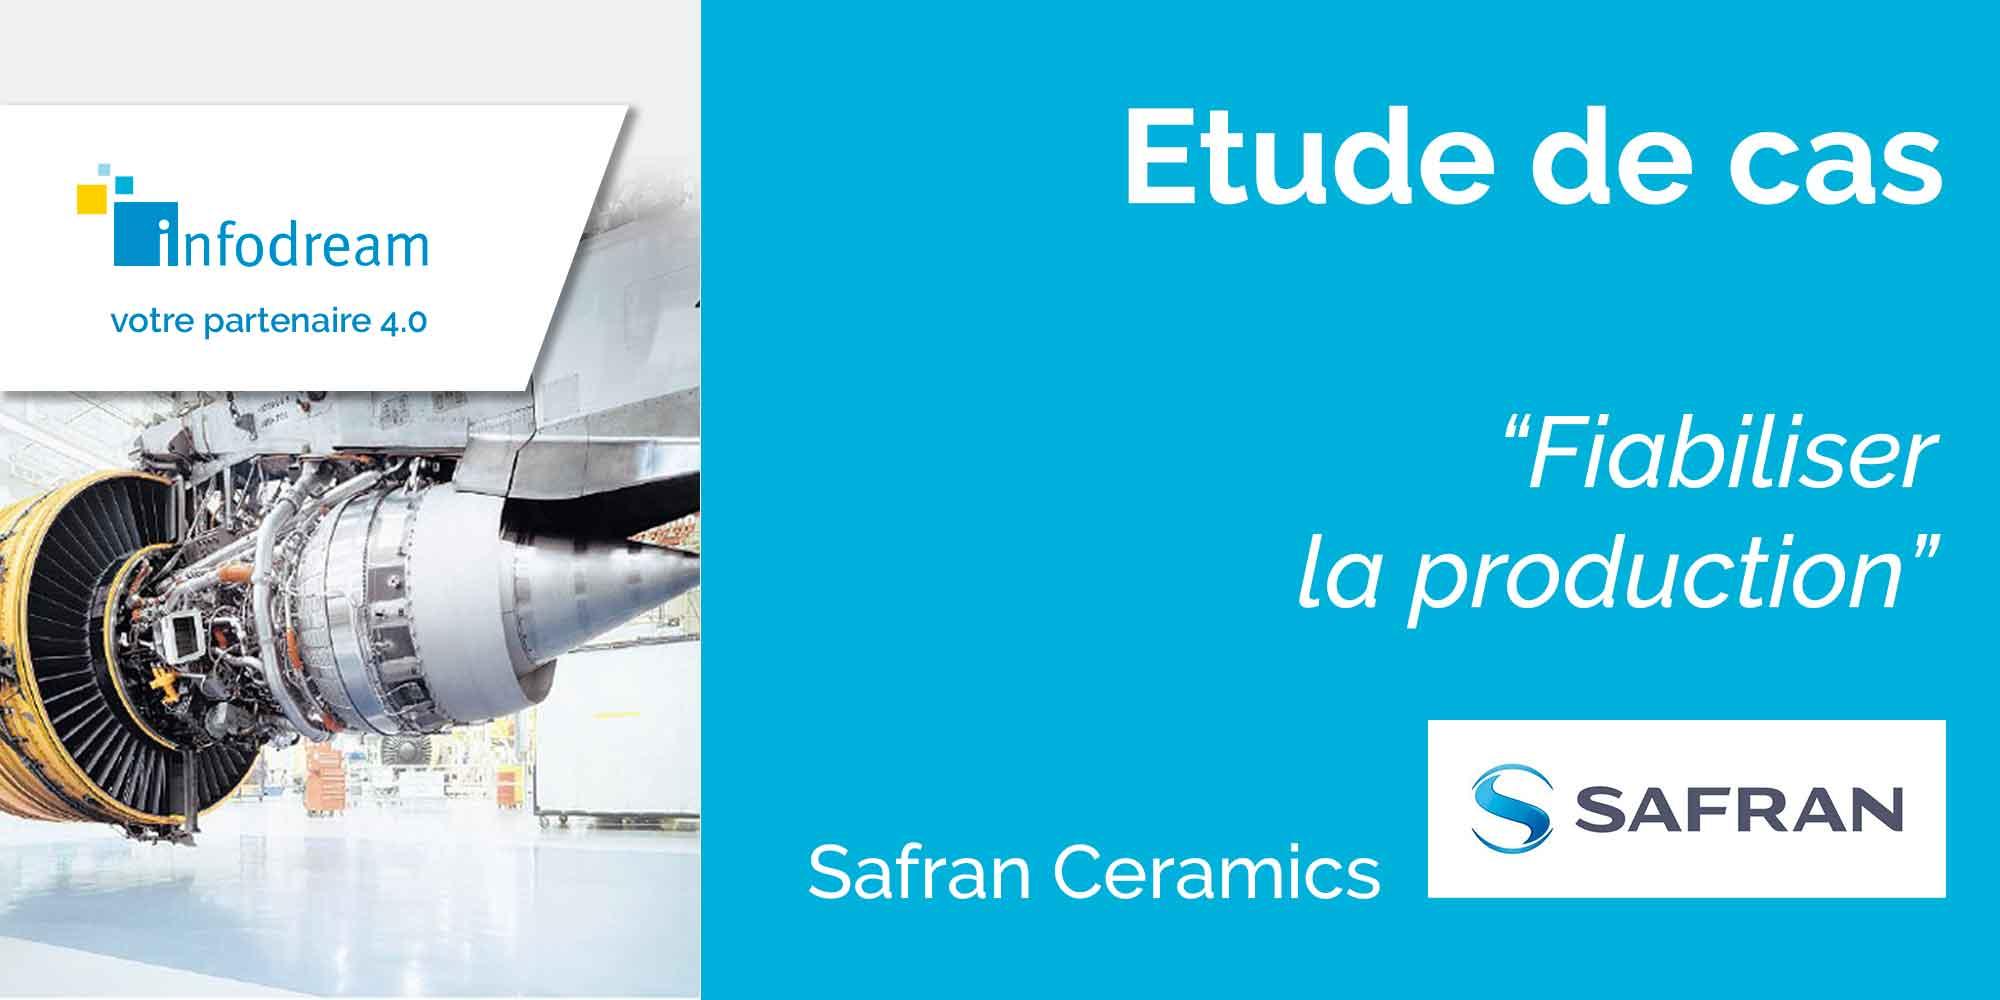 Safran Ceramics Fiabilise Sa Production Avec Le MES Qualaxy D'Infodream